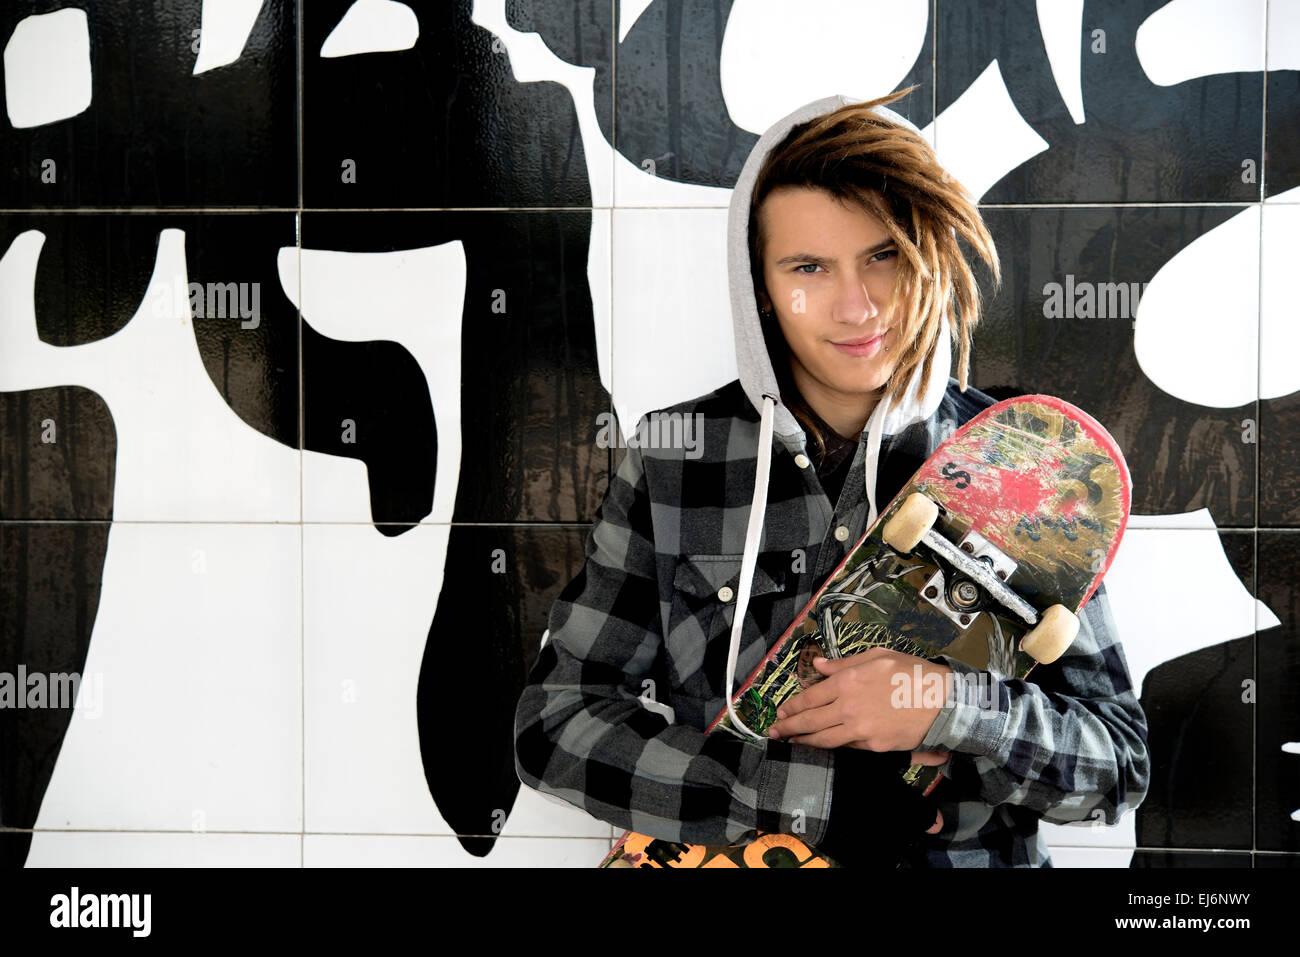 Portrait de jeune homme avec patinage et cheveux rasta dans un concept de vie Photo Stock